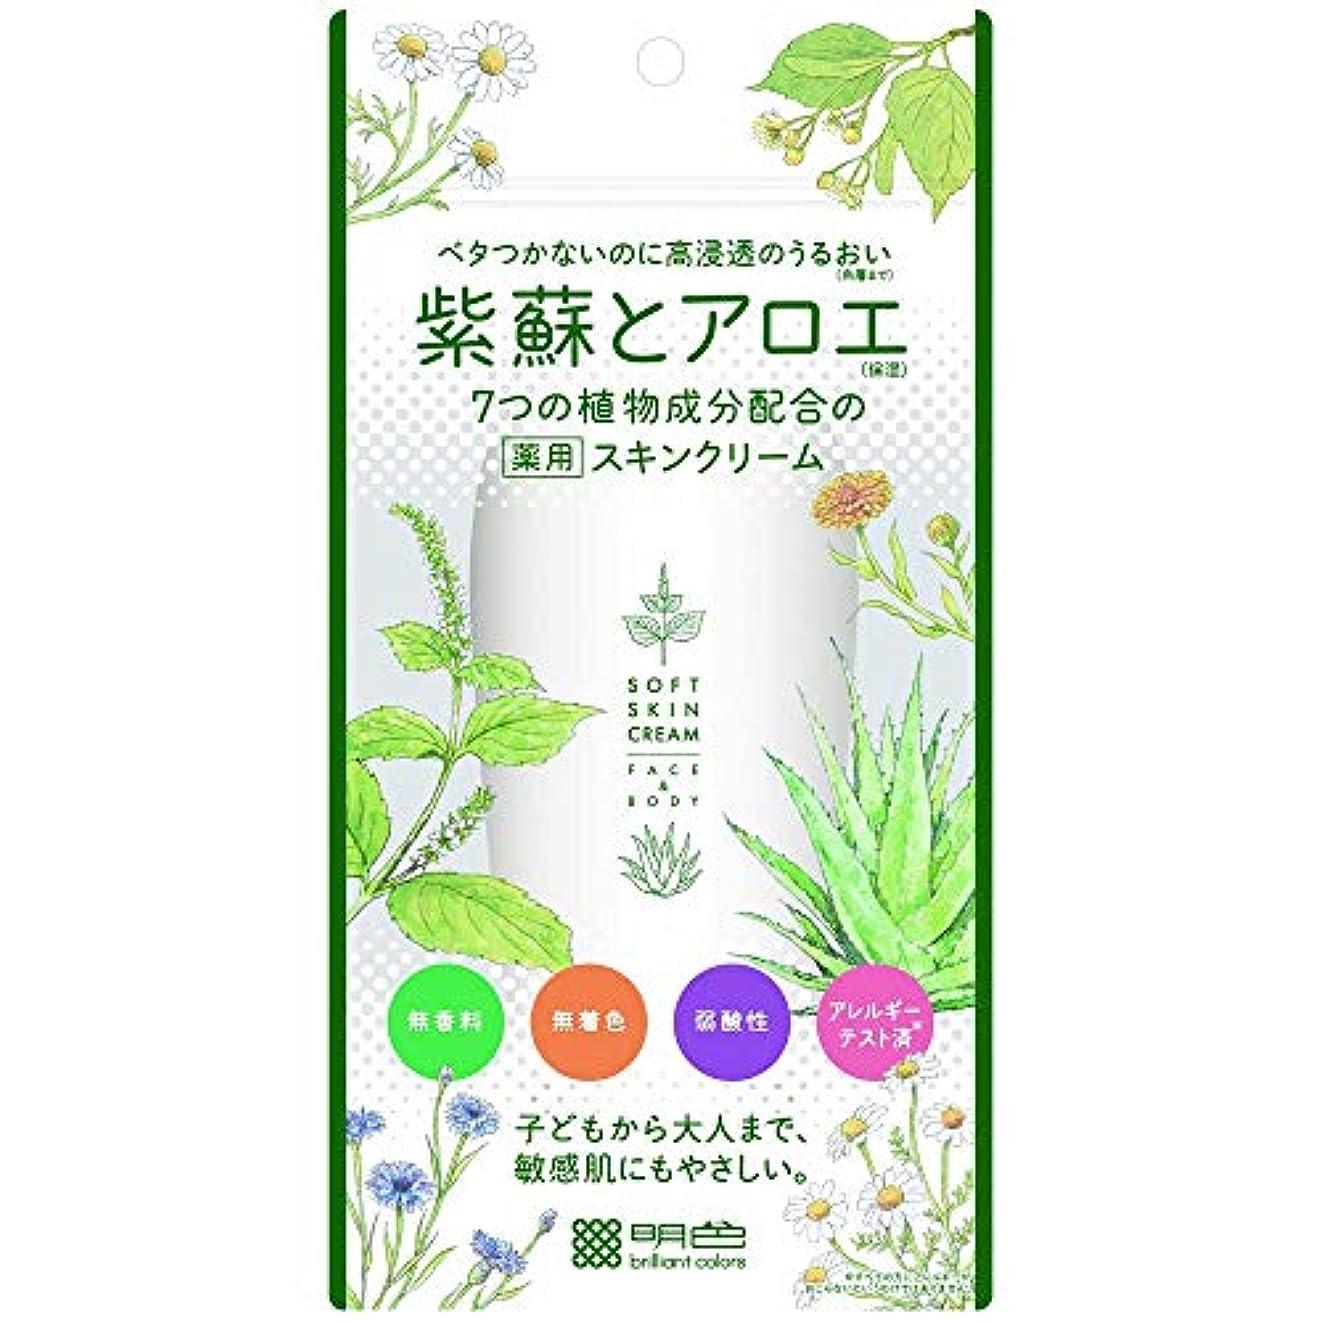 温度計ペッカディロ歌う【9個セット】紫蘇とアロエ 薬用スキンクリーム 190g